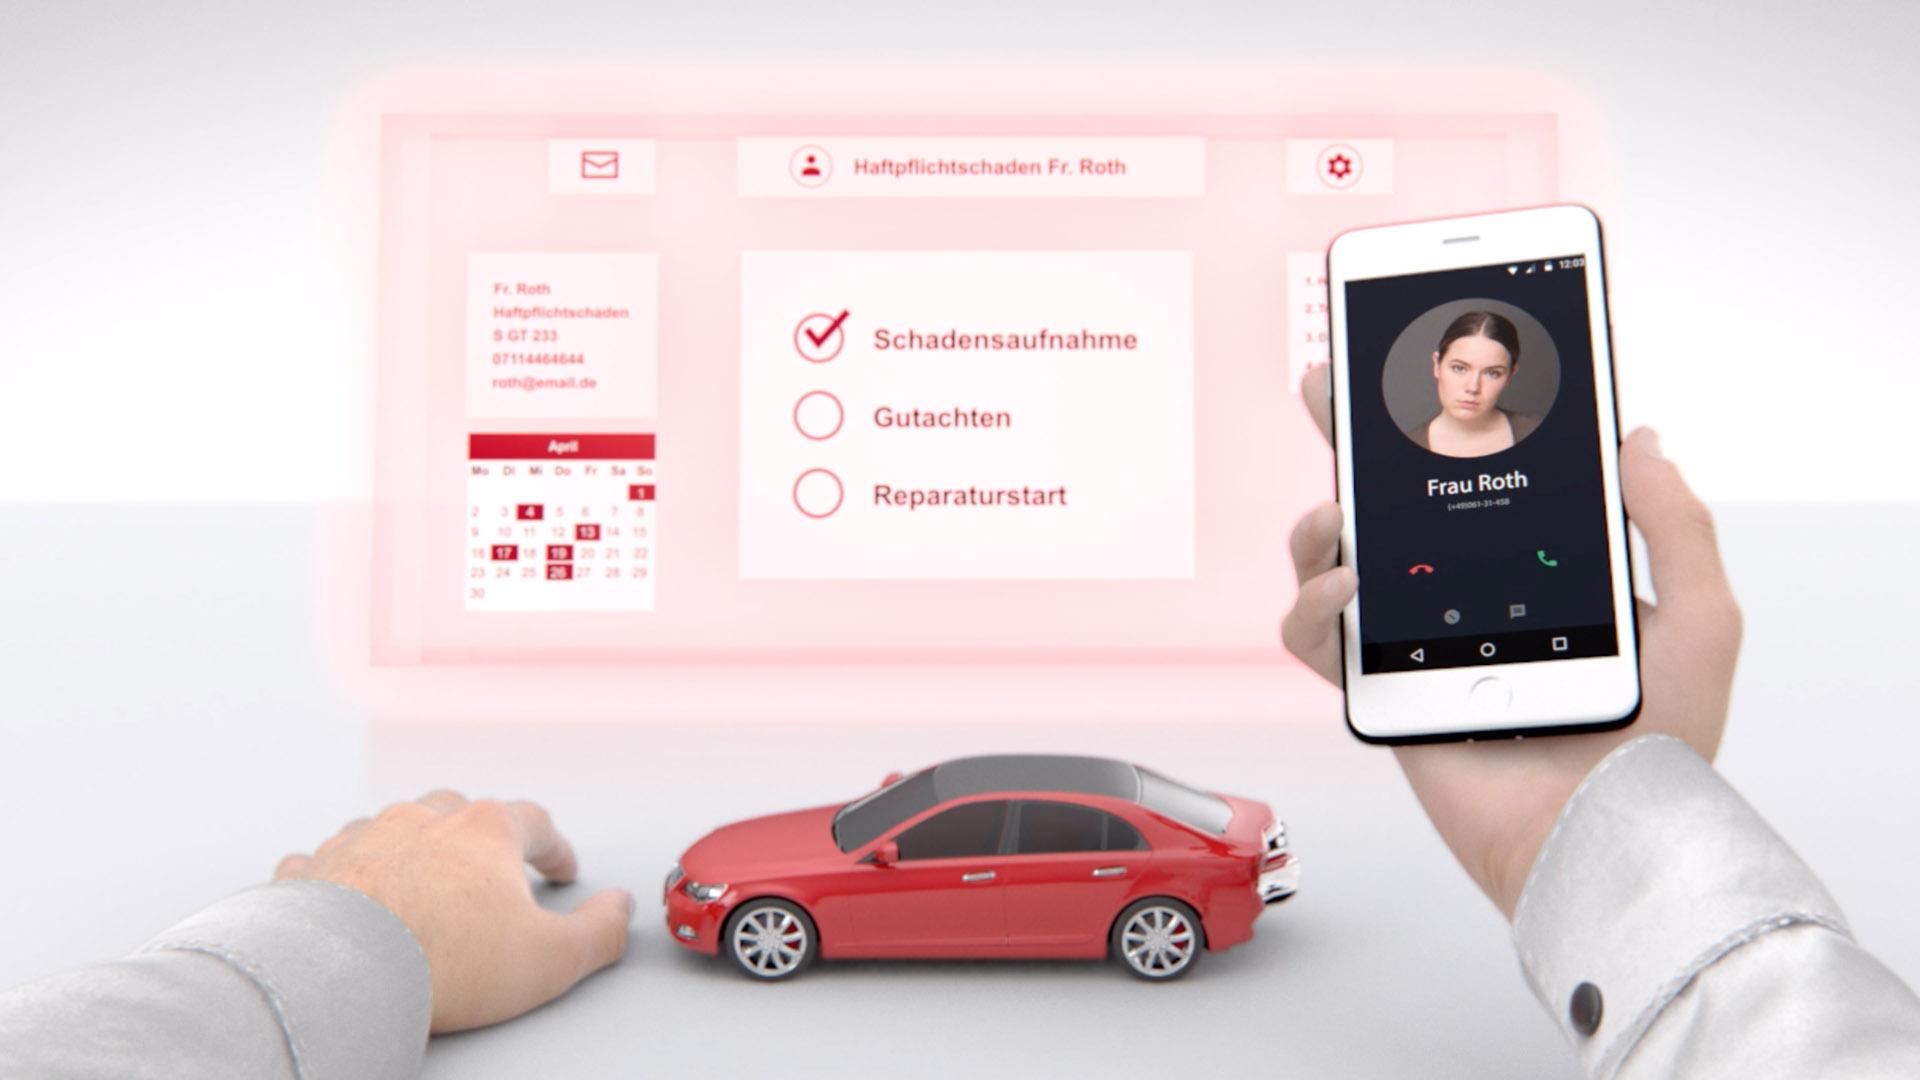 Ausschnitt aus GTÜ Hands Motion Capture - Hände mit Automodell und Handy